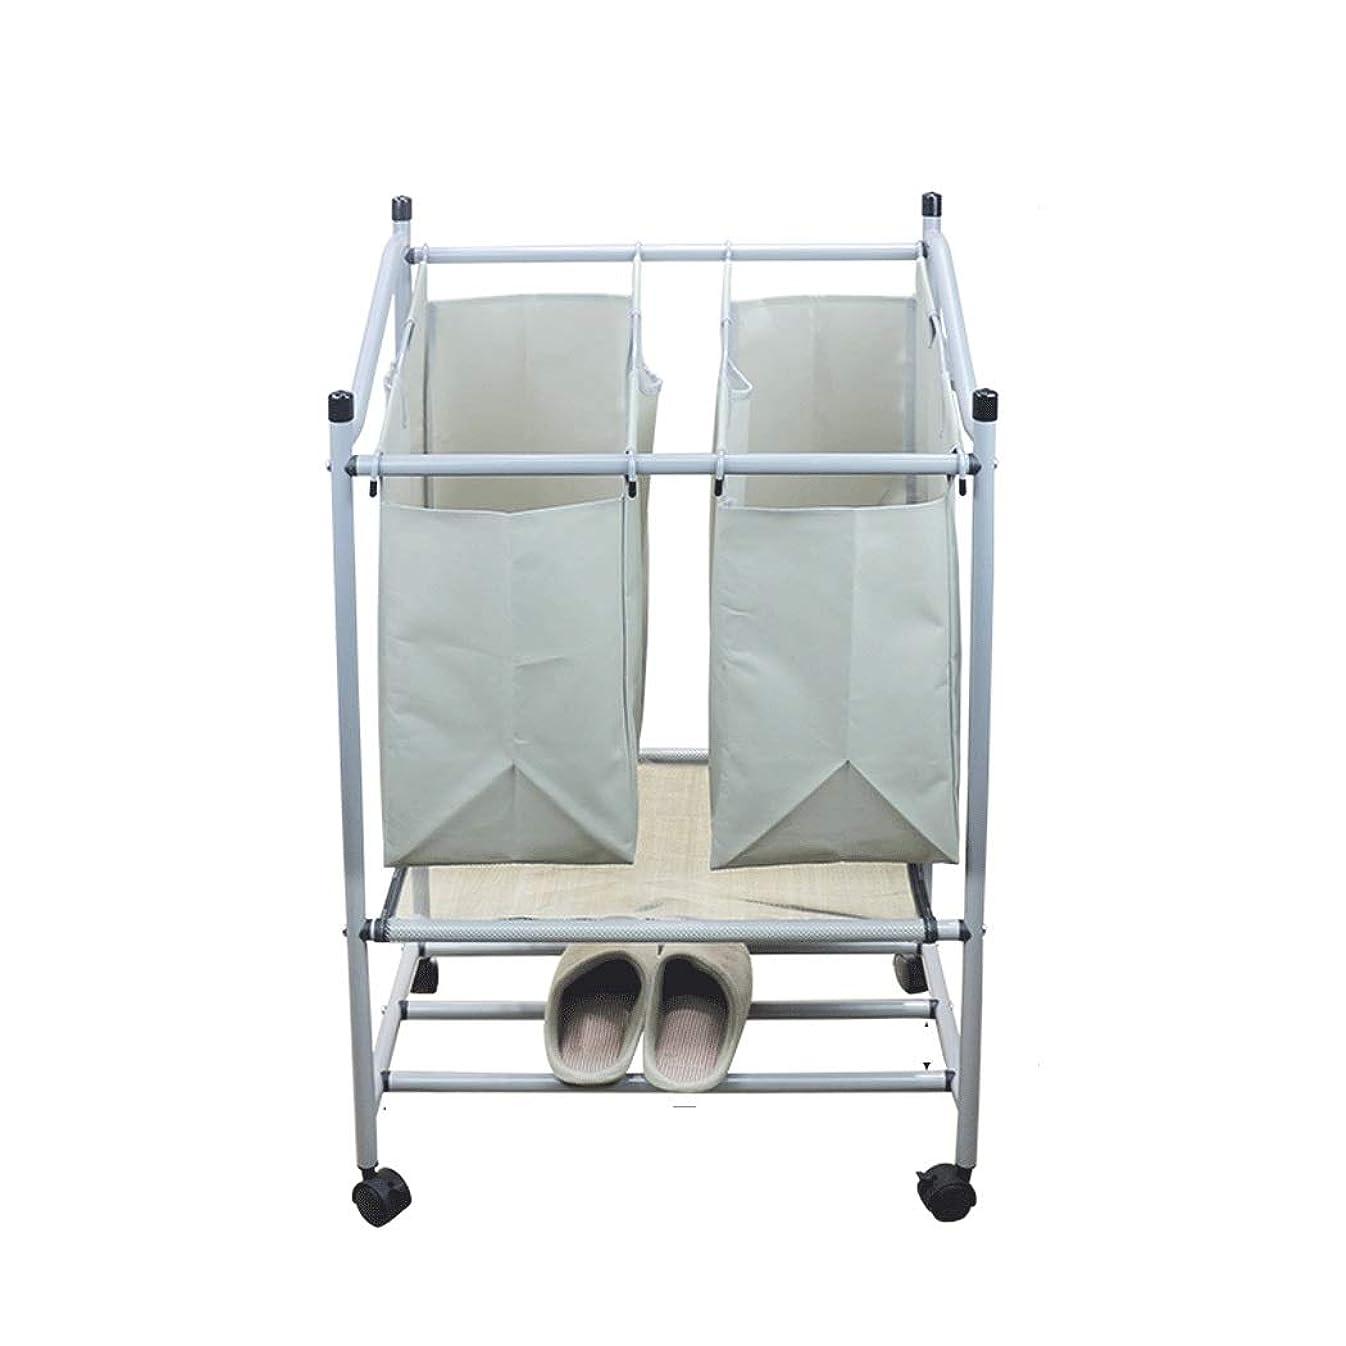 ペデスタルジェスチャー発動機分類された洗濯かご付きシューラック収納収納玩具収納ボックス大容量浴室用布地特大 (色 : Gray 2)